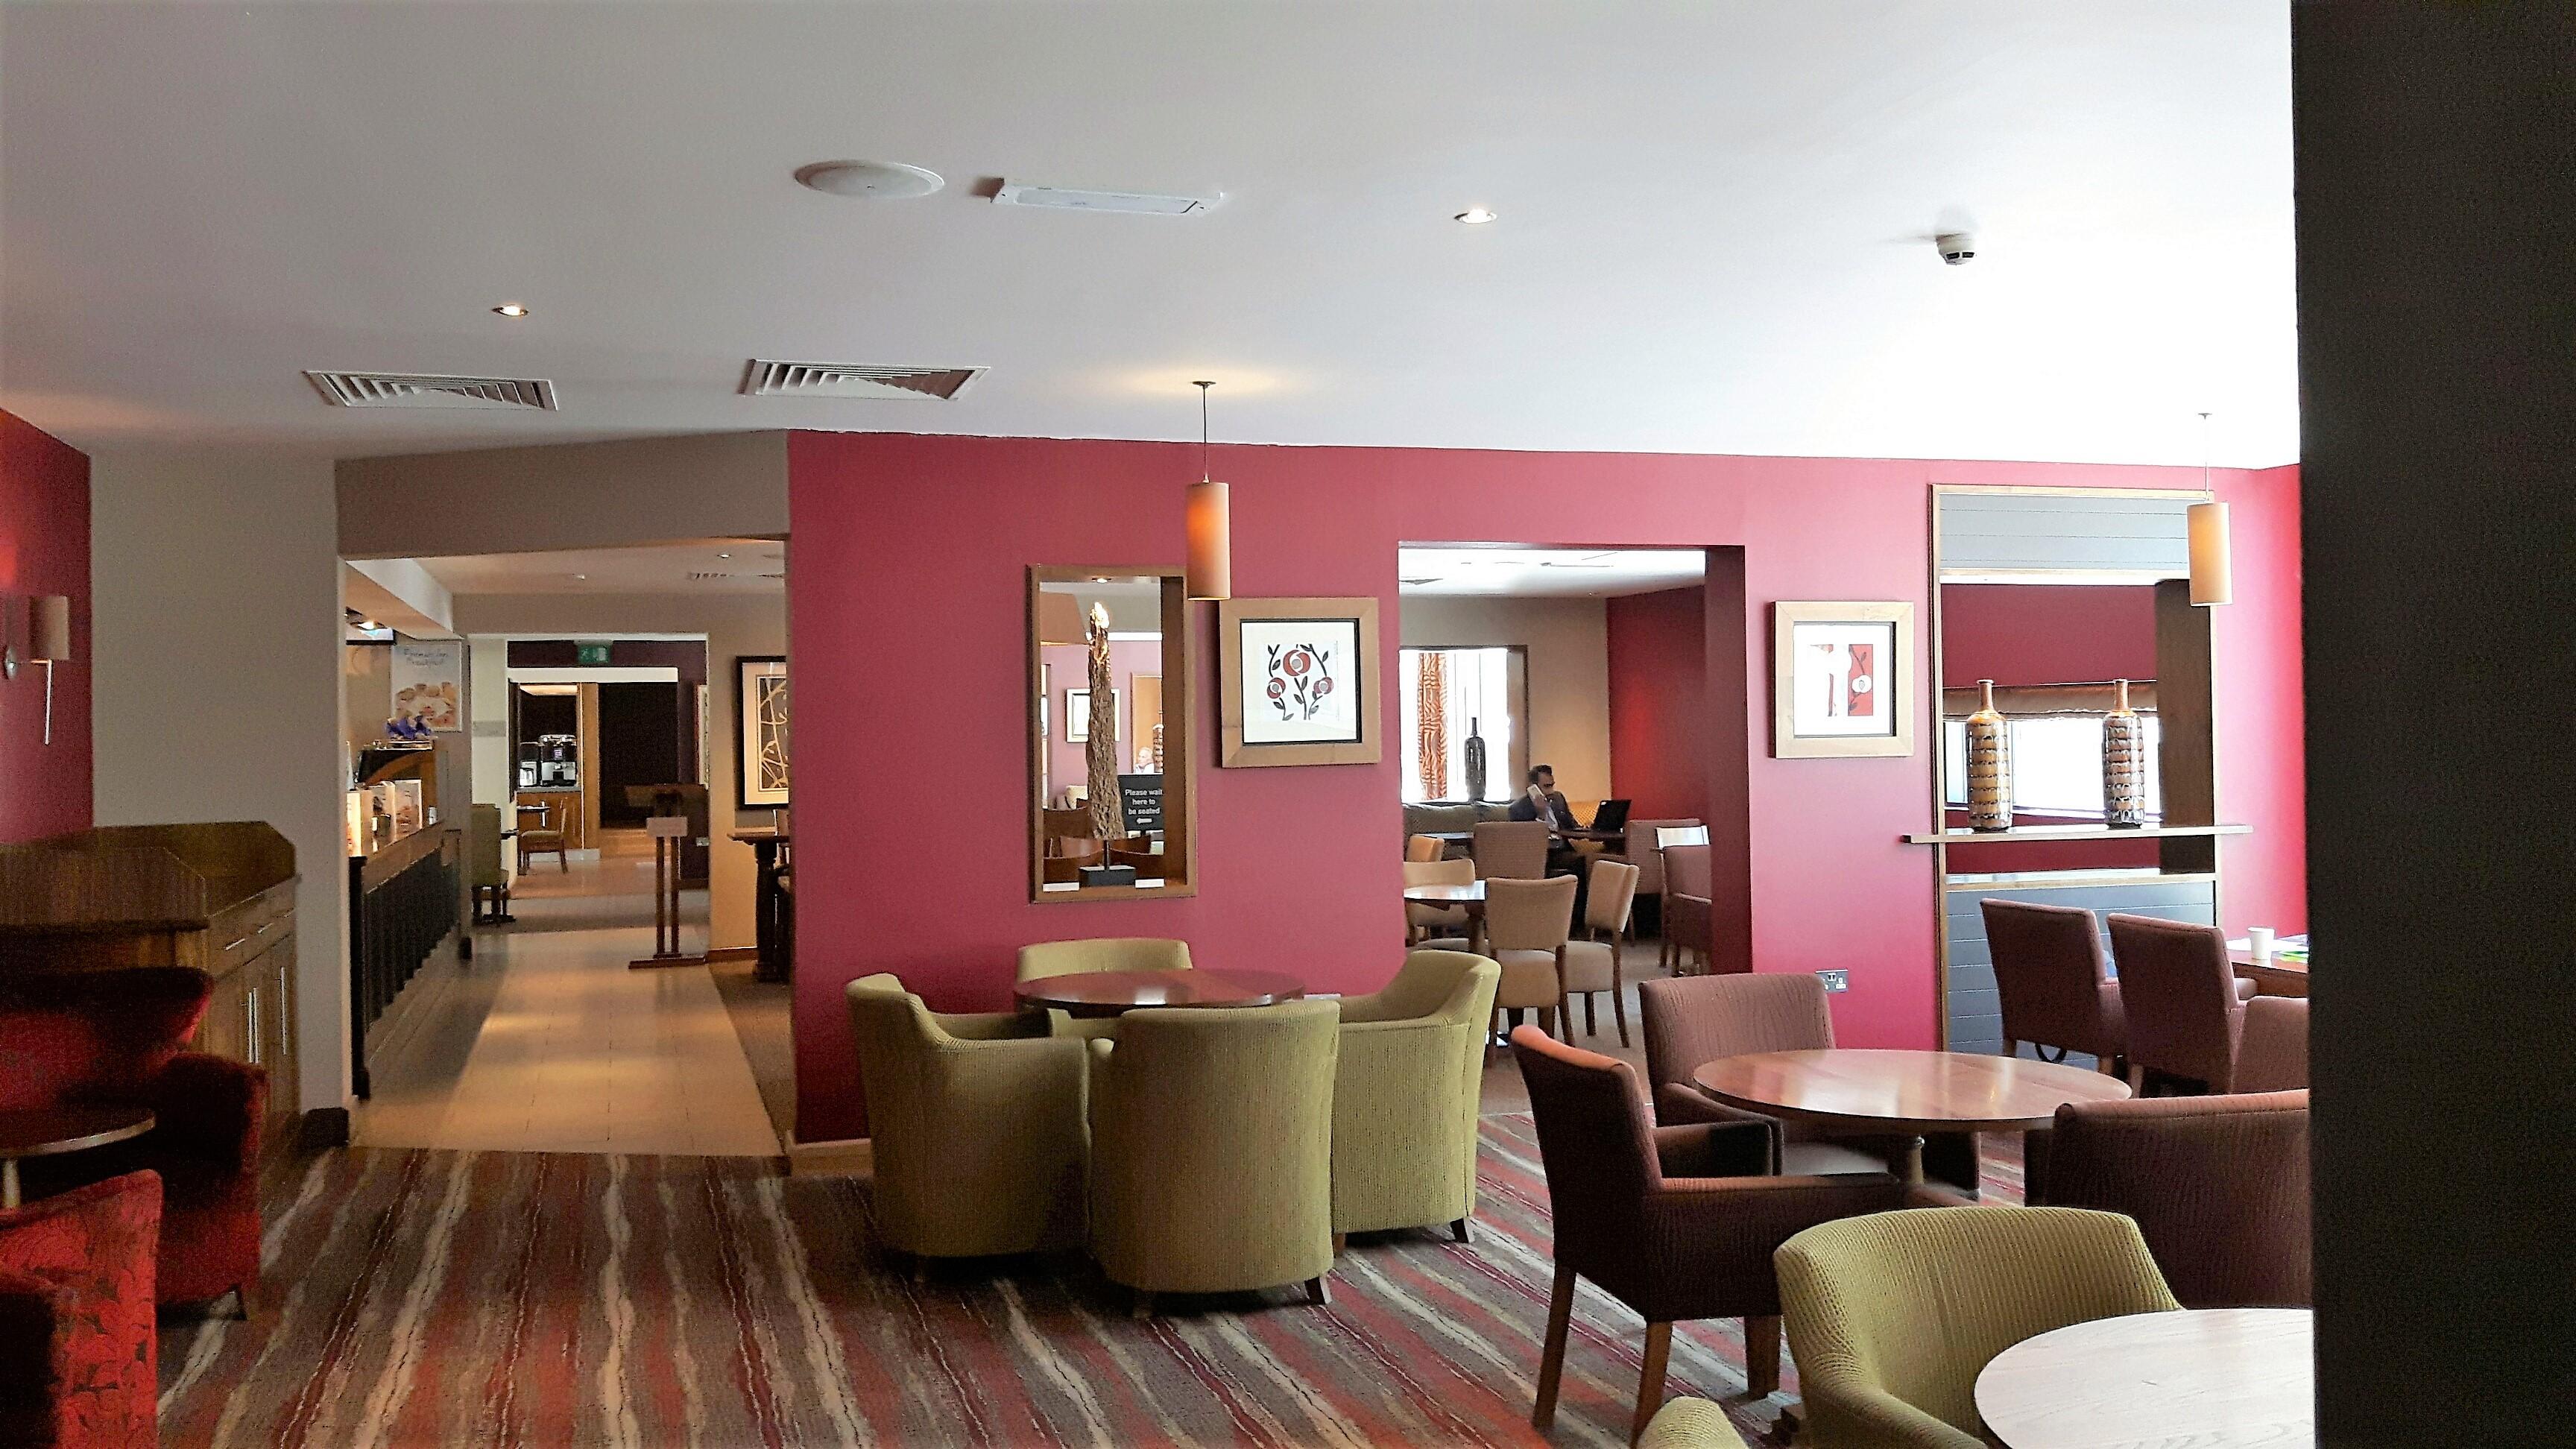 Find Premier Inn Cheap Rooms